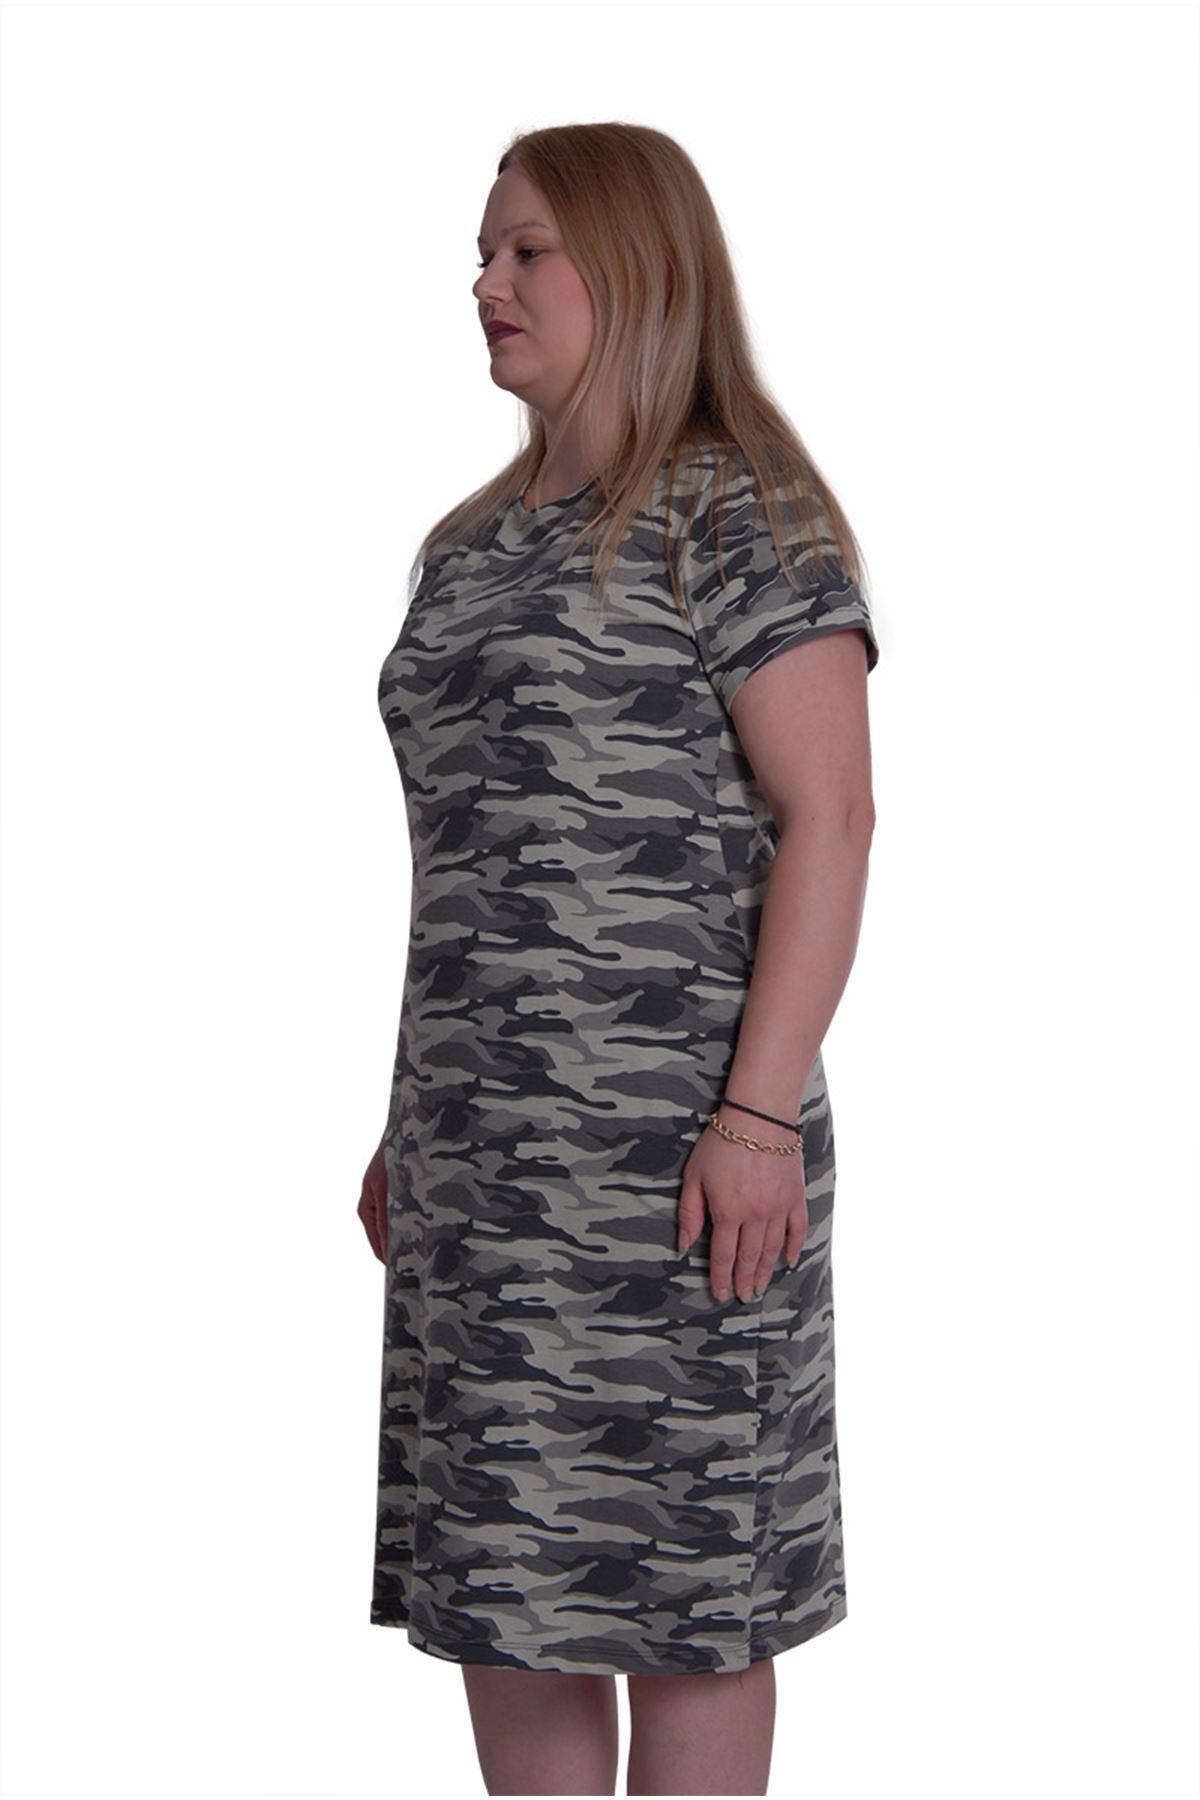 Cepli Kamuflaj Desen Elbise 2E-0084